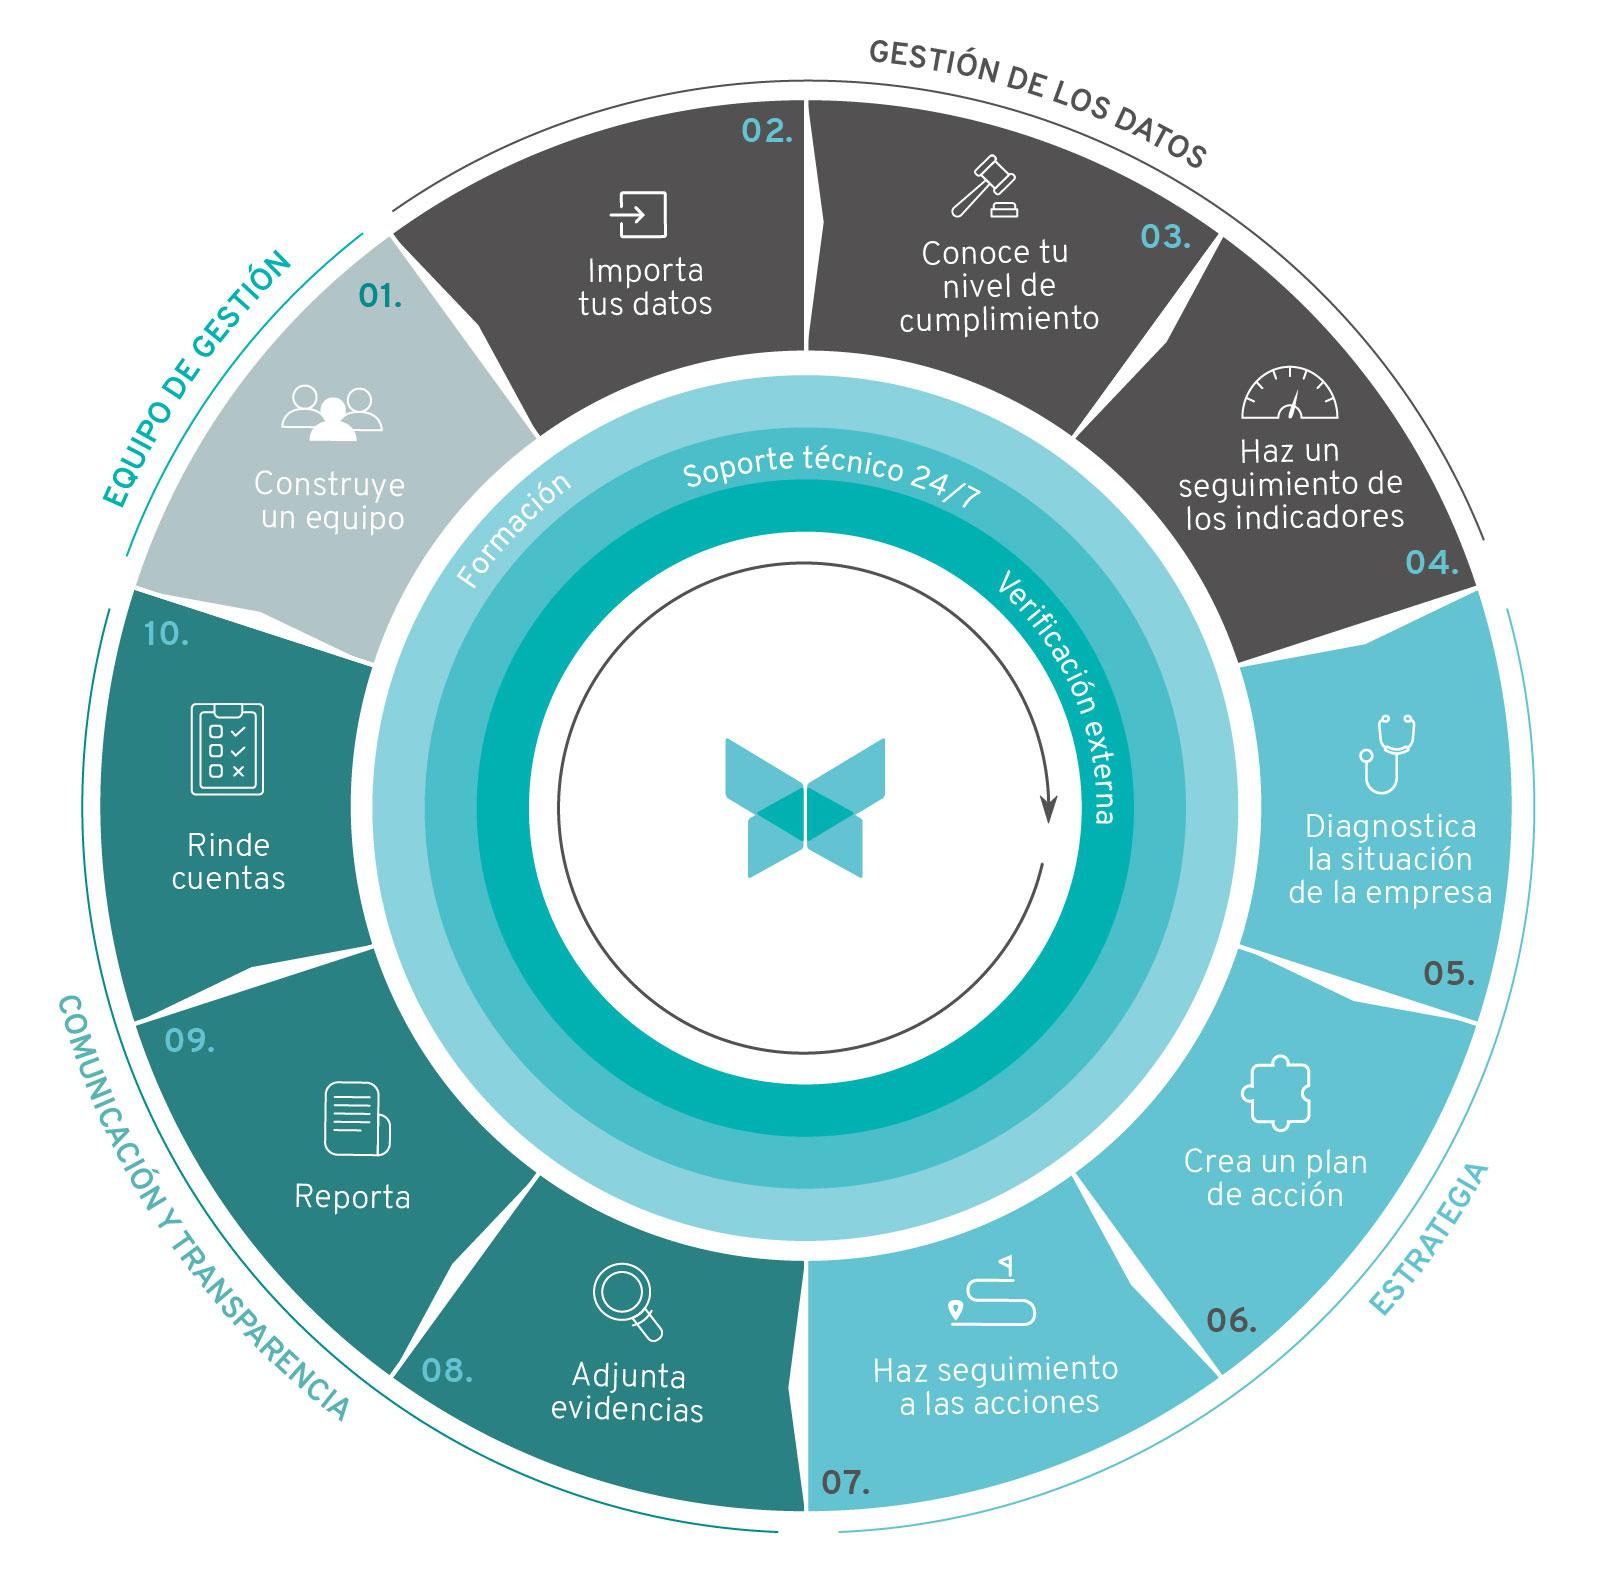 Infografia de qué hace el software de sostenibilidad y RSC de Apambu